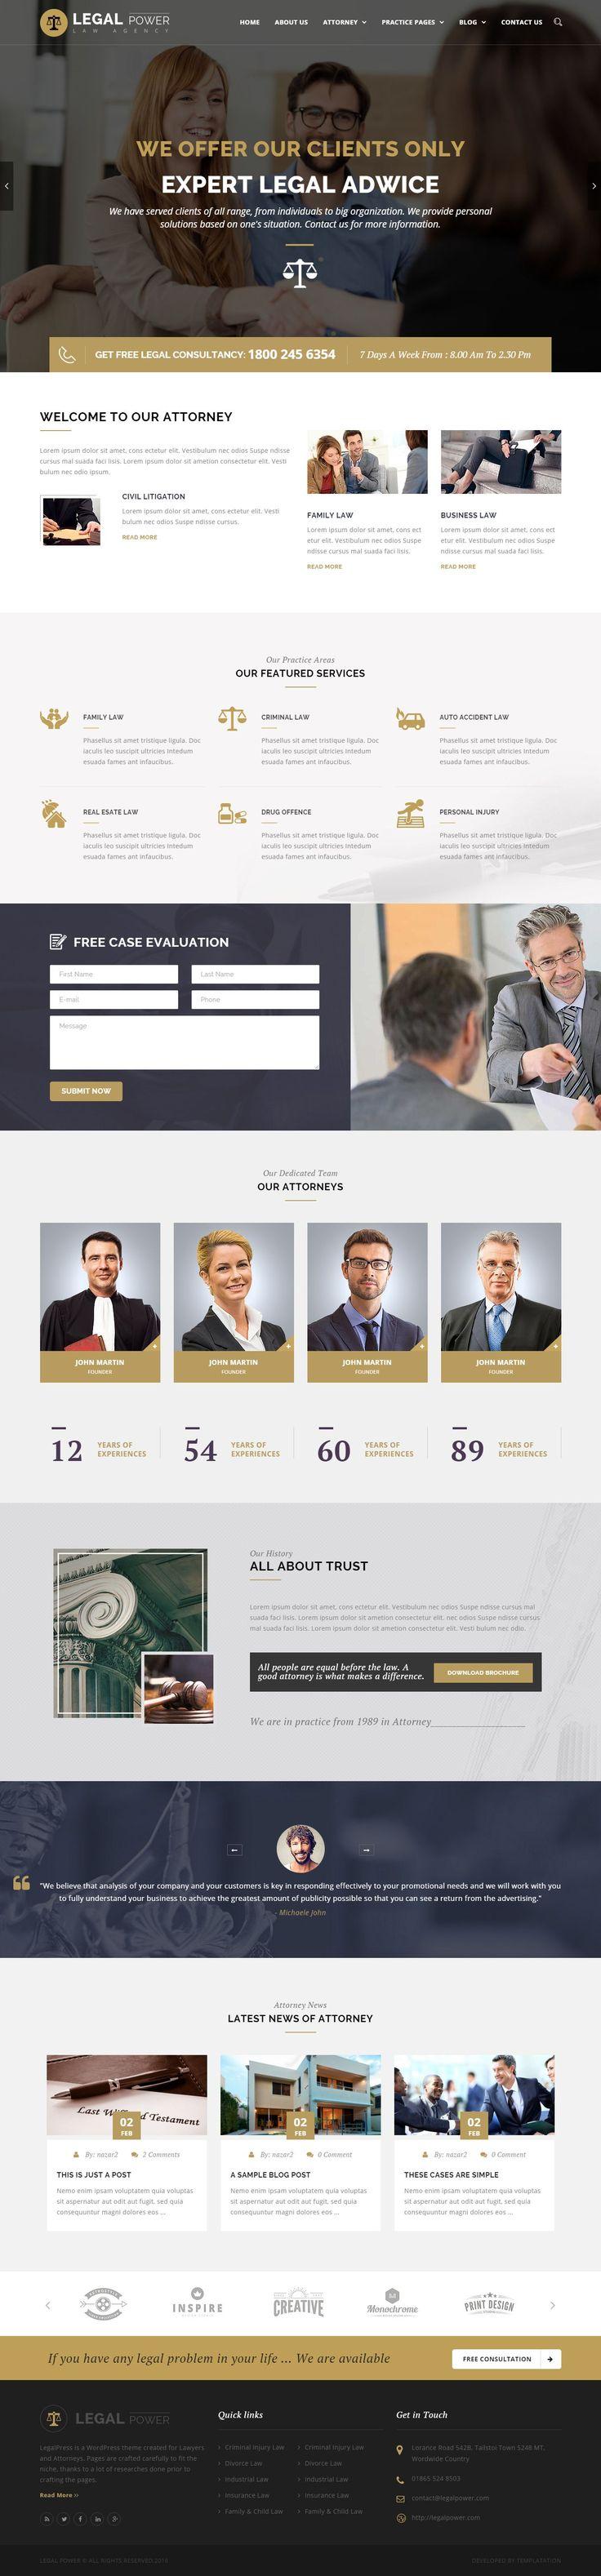 Legal Power - Lawyer Attorney WordPress Theme